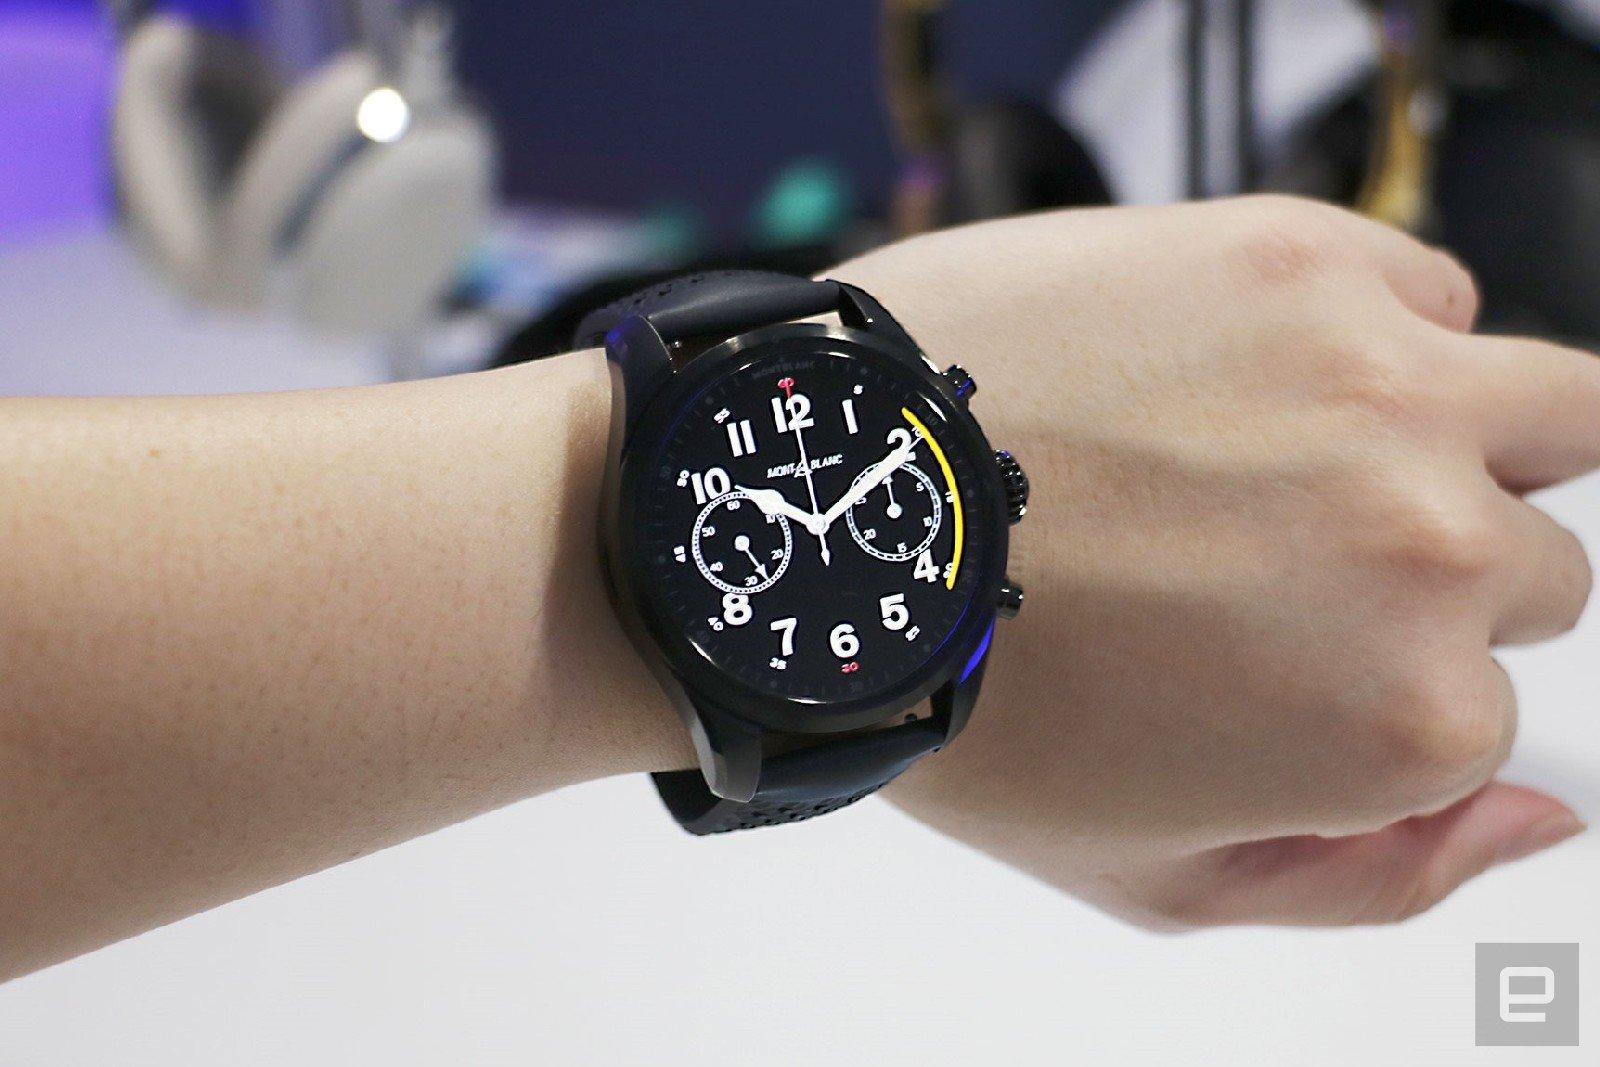 Montblanc Summit 2 plus - đồng hồ choronograph mới có chức năng 4G LTE